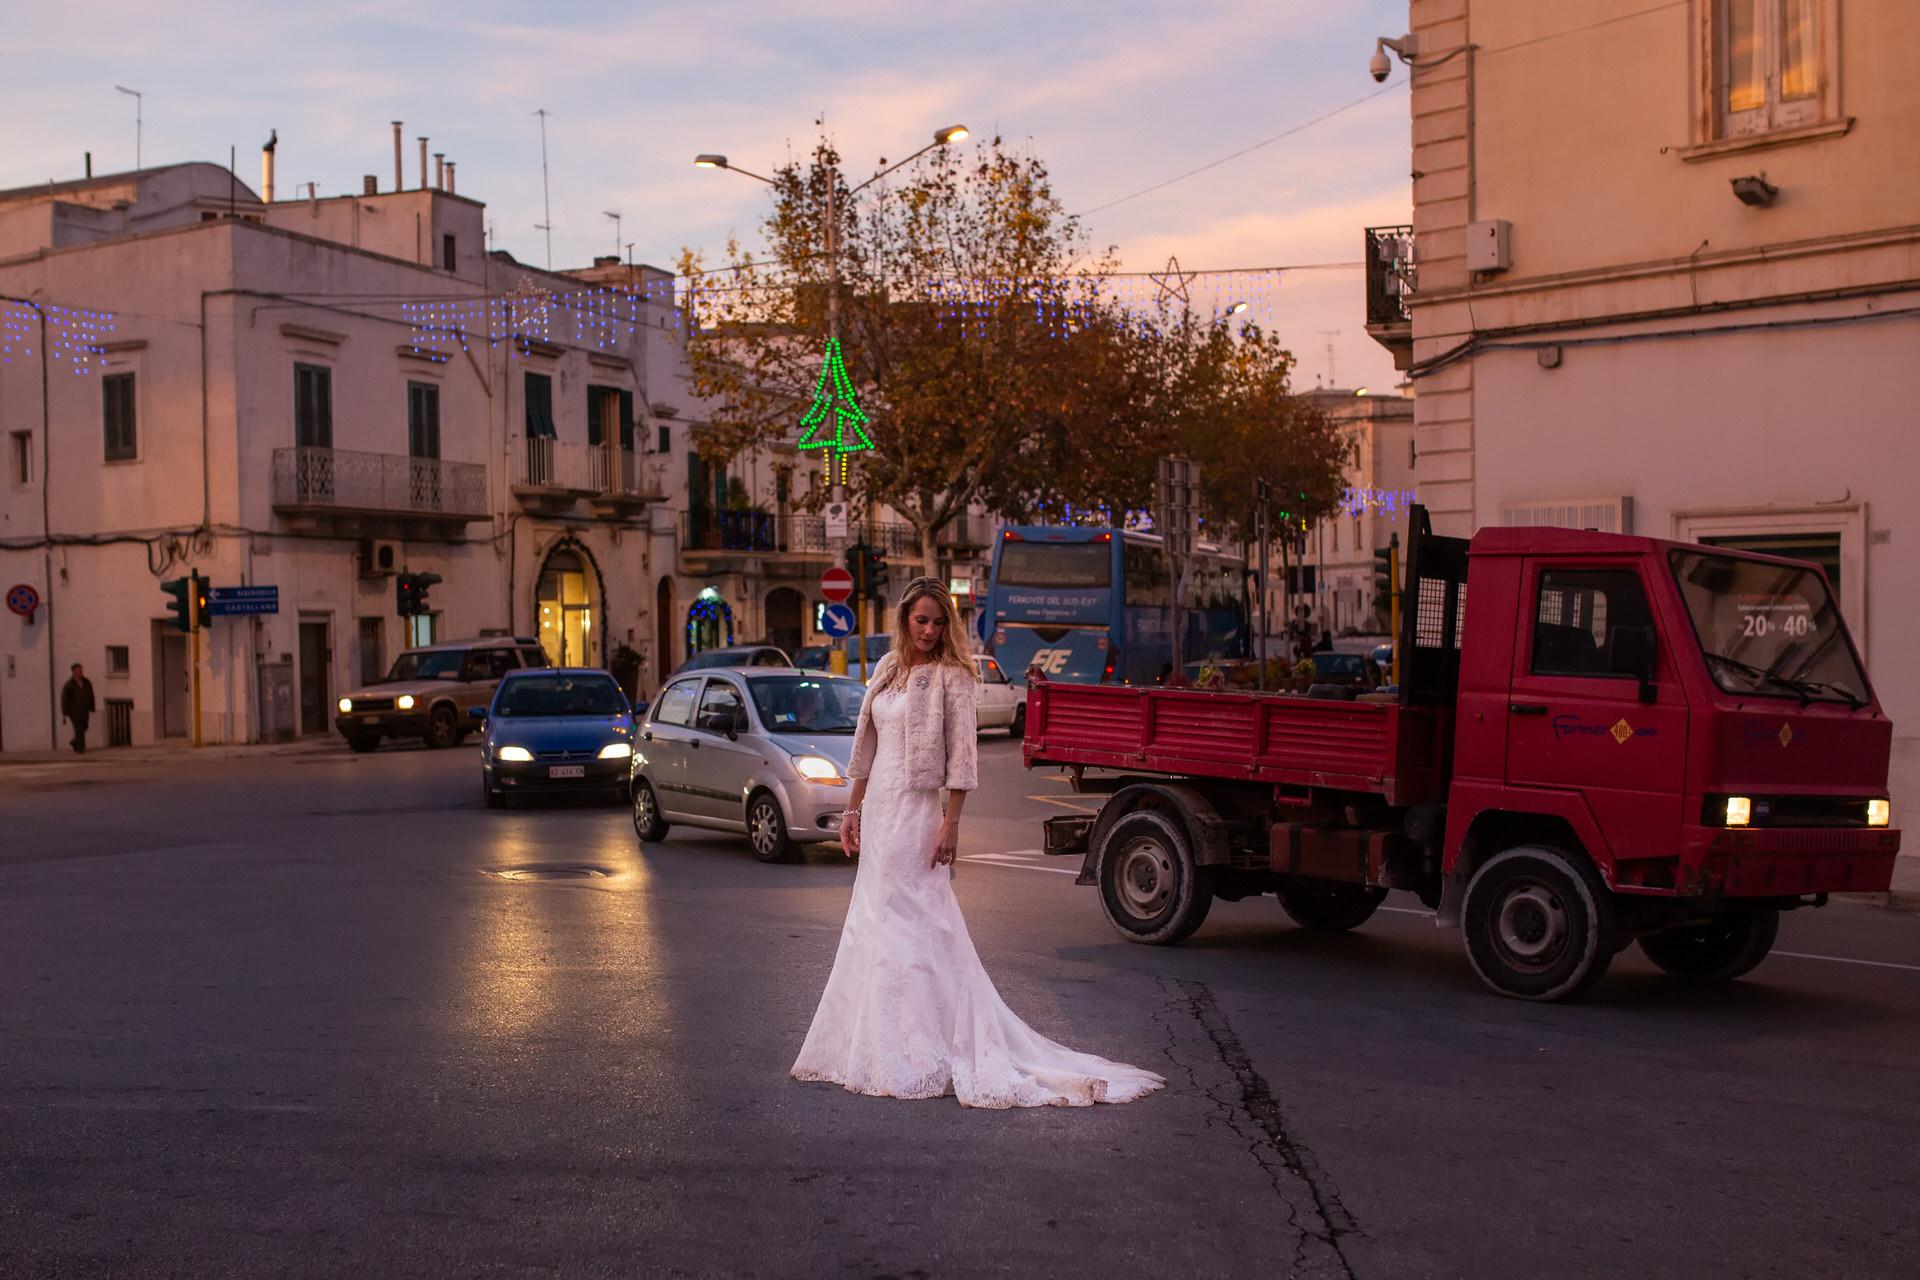 huwelijk fotograaf Heerhugowaard, location wedding bruid op kruispunt, trouwen, touwerij, trouwreportage, bruiloft, bruiloftsfotografie